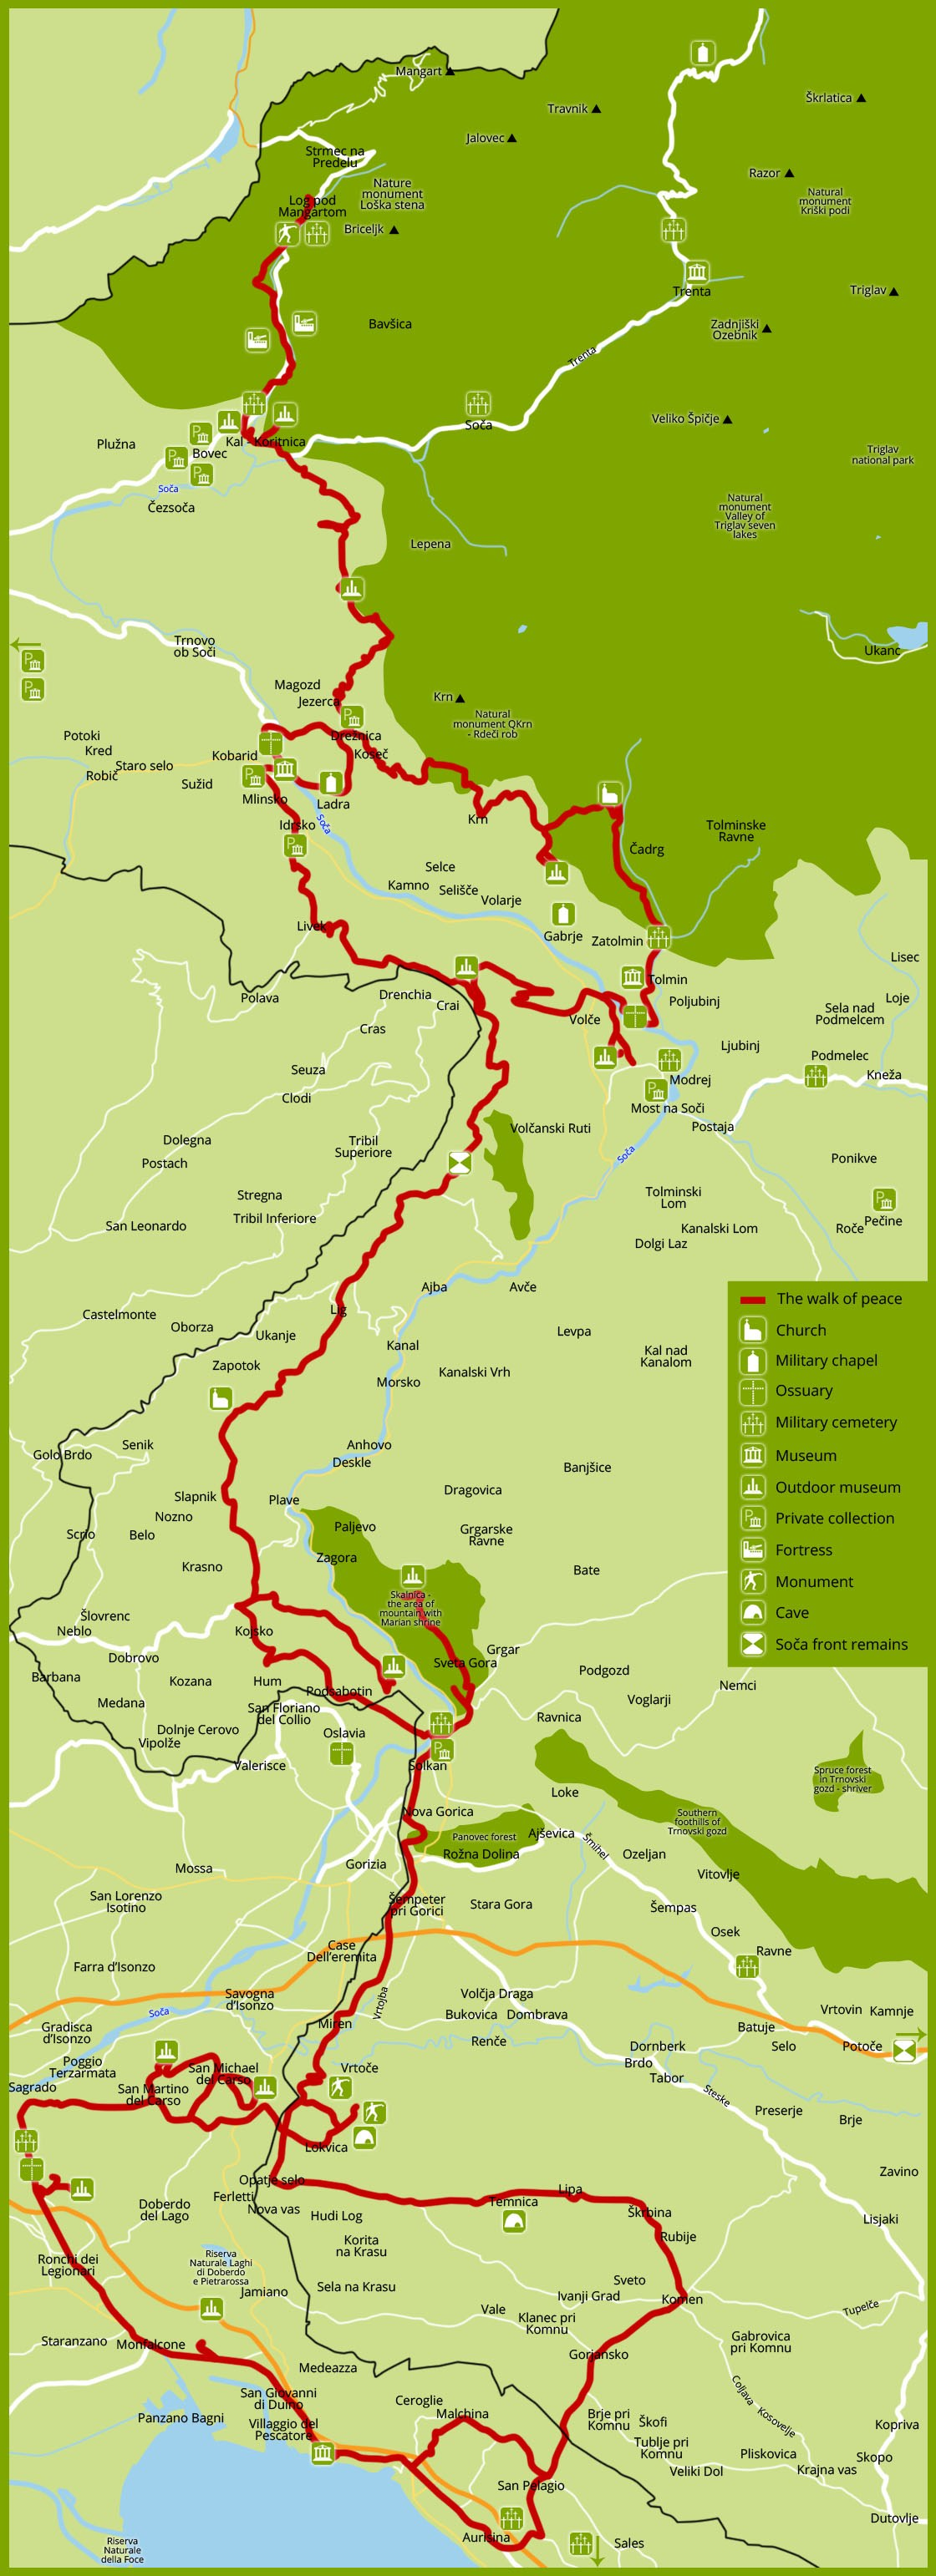 Mapa de la Ruta del Camino de la Paz